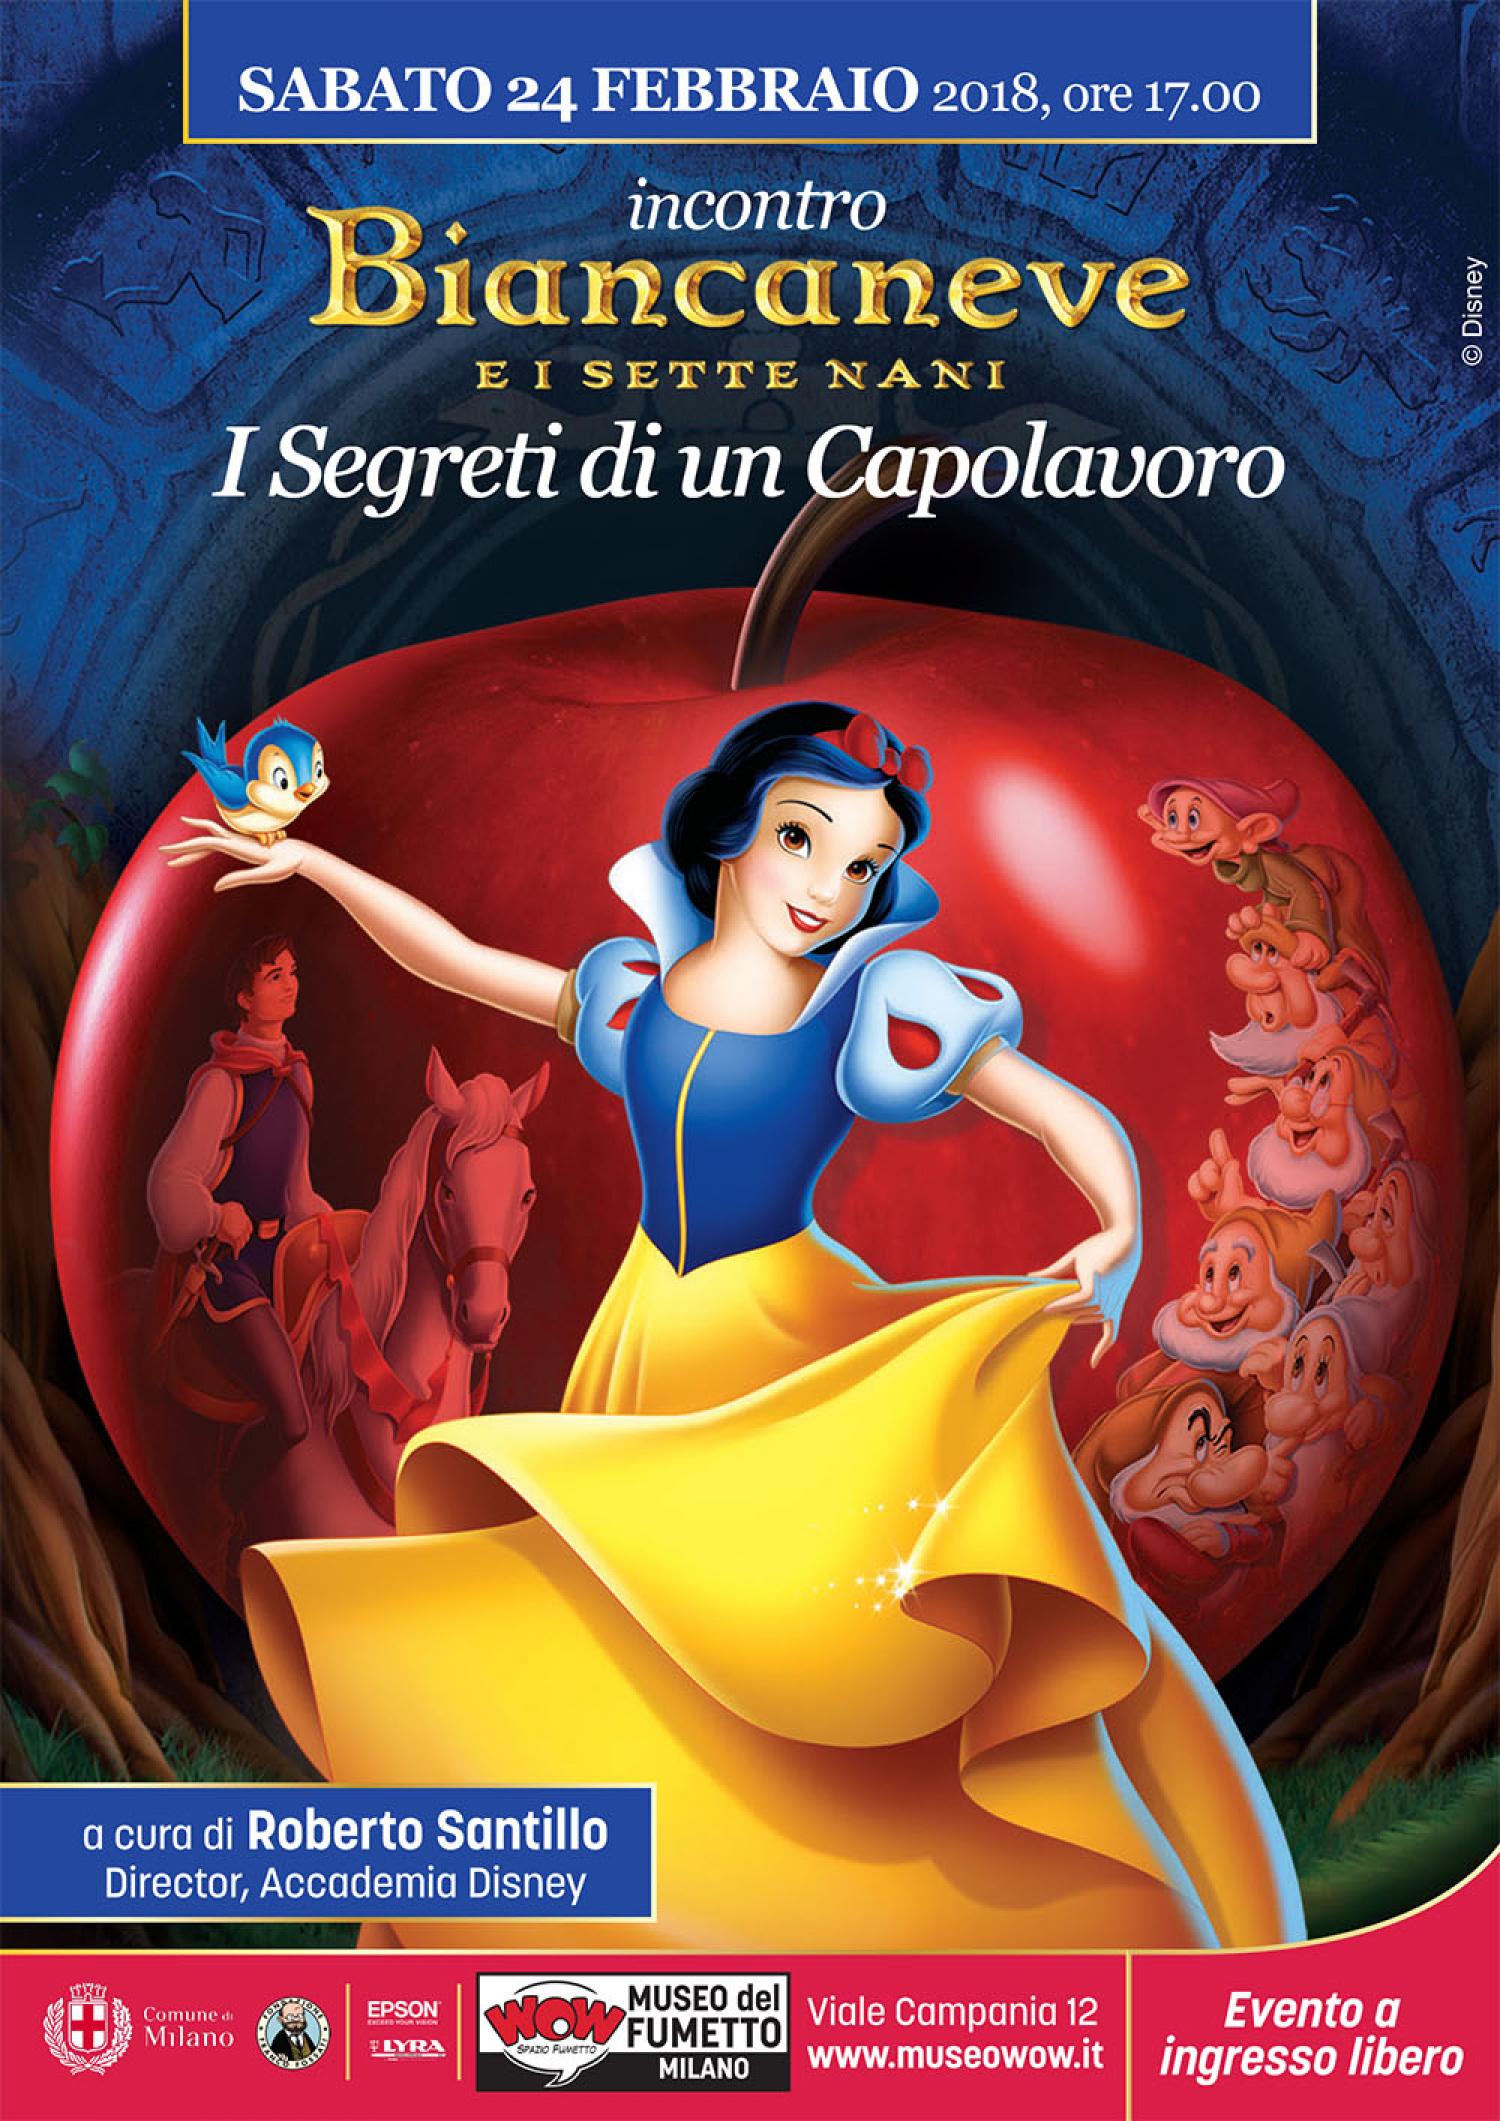 """<p>Ultimo appuntamento del ricco calendario di incontri organizzati in occasione della mostra <a target=""""_blank"""" href=""""http://www.museowow.it/wow/it/sogno-e-avventura/"""">Sogno e Avventura</a>, <strong>Sabato 24 febbraio, a partire dalle 17.00</strong>, <strong>Roberto Santillo</strong>,<em> director</em> dell&rsquo;Accademia Disney, che da oltre vent&rsquo;anni forma i nuovi artisti che disegneranno i personaggi Disney, racconter&agrave; in uno speciale incontro <strong>tutti i segreti e i &ldquo;dietro le quinte&rdquo; di <em>Biancaneve e i Sette Nani</em></strong>. Dopo essersi affermato come uno dei maggiori produttori di cortometraggi d&#39;animazione, grazie anche alla straordinaria invenzione di Topolino, <strong>Walt Disney</strong> decise di provare a realizzare qualcosa di mai tentato fino ad allora: un <strong>intero</strong> film completamente animato ispirato a una delle fiabe pi&ugrave; popolari, Biancaneve. Il progetto, sviluppato fin dal 1934, divent&ograve; sempre pi&ugrave; complesso e costoso. Gli animatori si trovarono per la prima volta a lavorare su complesse figure umane disegnate con uno stile realistico con continui cambiamenti alla storia e revisioni da parte di Disney in persona. Definito <strong>&ldquo;la follia di Disney&rdquo;</strong> per il costo e lo sforzo produttivo, quando il film usc&igrave; nelle sale ottenne uno straordinario successo di pubblico e critica grazie alla perfetta commistione di umorismo, musica, romanticismo, avventura e perfino un pizzico di paura. Ancora oggi, ad ottant&rsquo;anni dalla sua uscita, <em><strong>Biancaneve e i sette nani</strong> </em>&egrave; considerato un<strong> grande classico del cinema</strong>, mentre i suoi protagonisti, dalla dolce Biancaneve alla perfida Regina e ai simpaticissimi nani, sono amati e conosciuti da generazioni di spettatori. <strong>Dietro un film cos&igrave; ambizioso e dalla realizzazione cos&igrave; complessa, si nascondono molti segreti</strong>. Per arrivare all&rsquo;"""